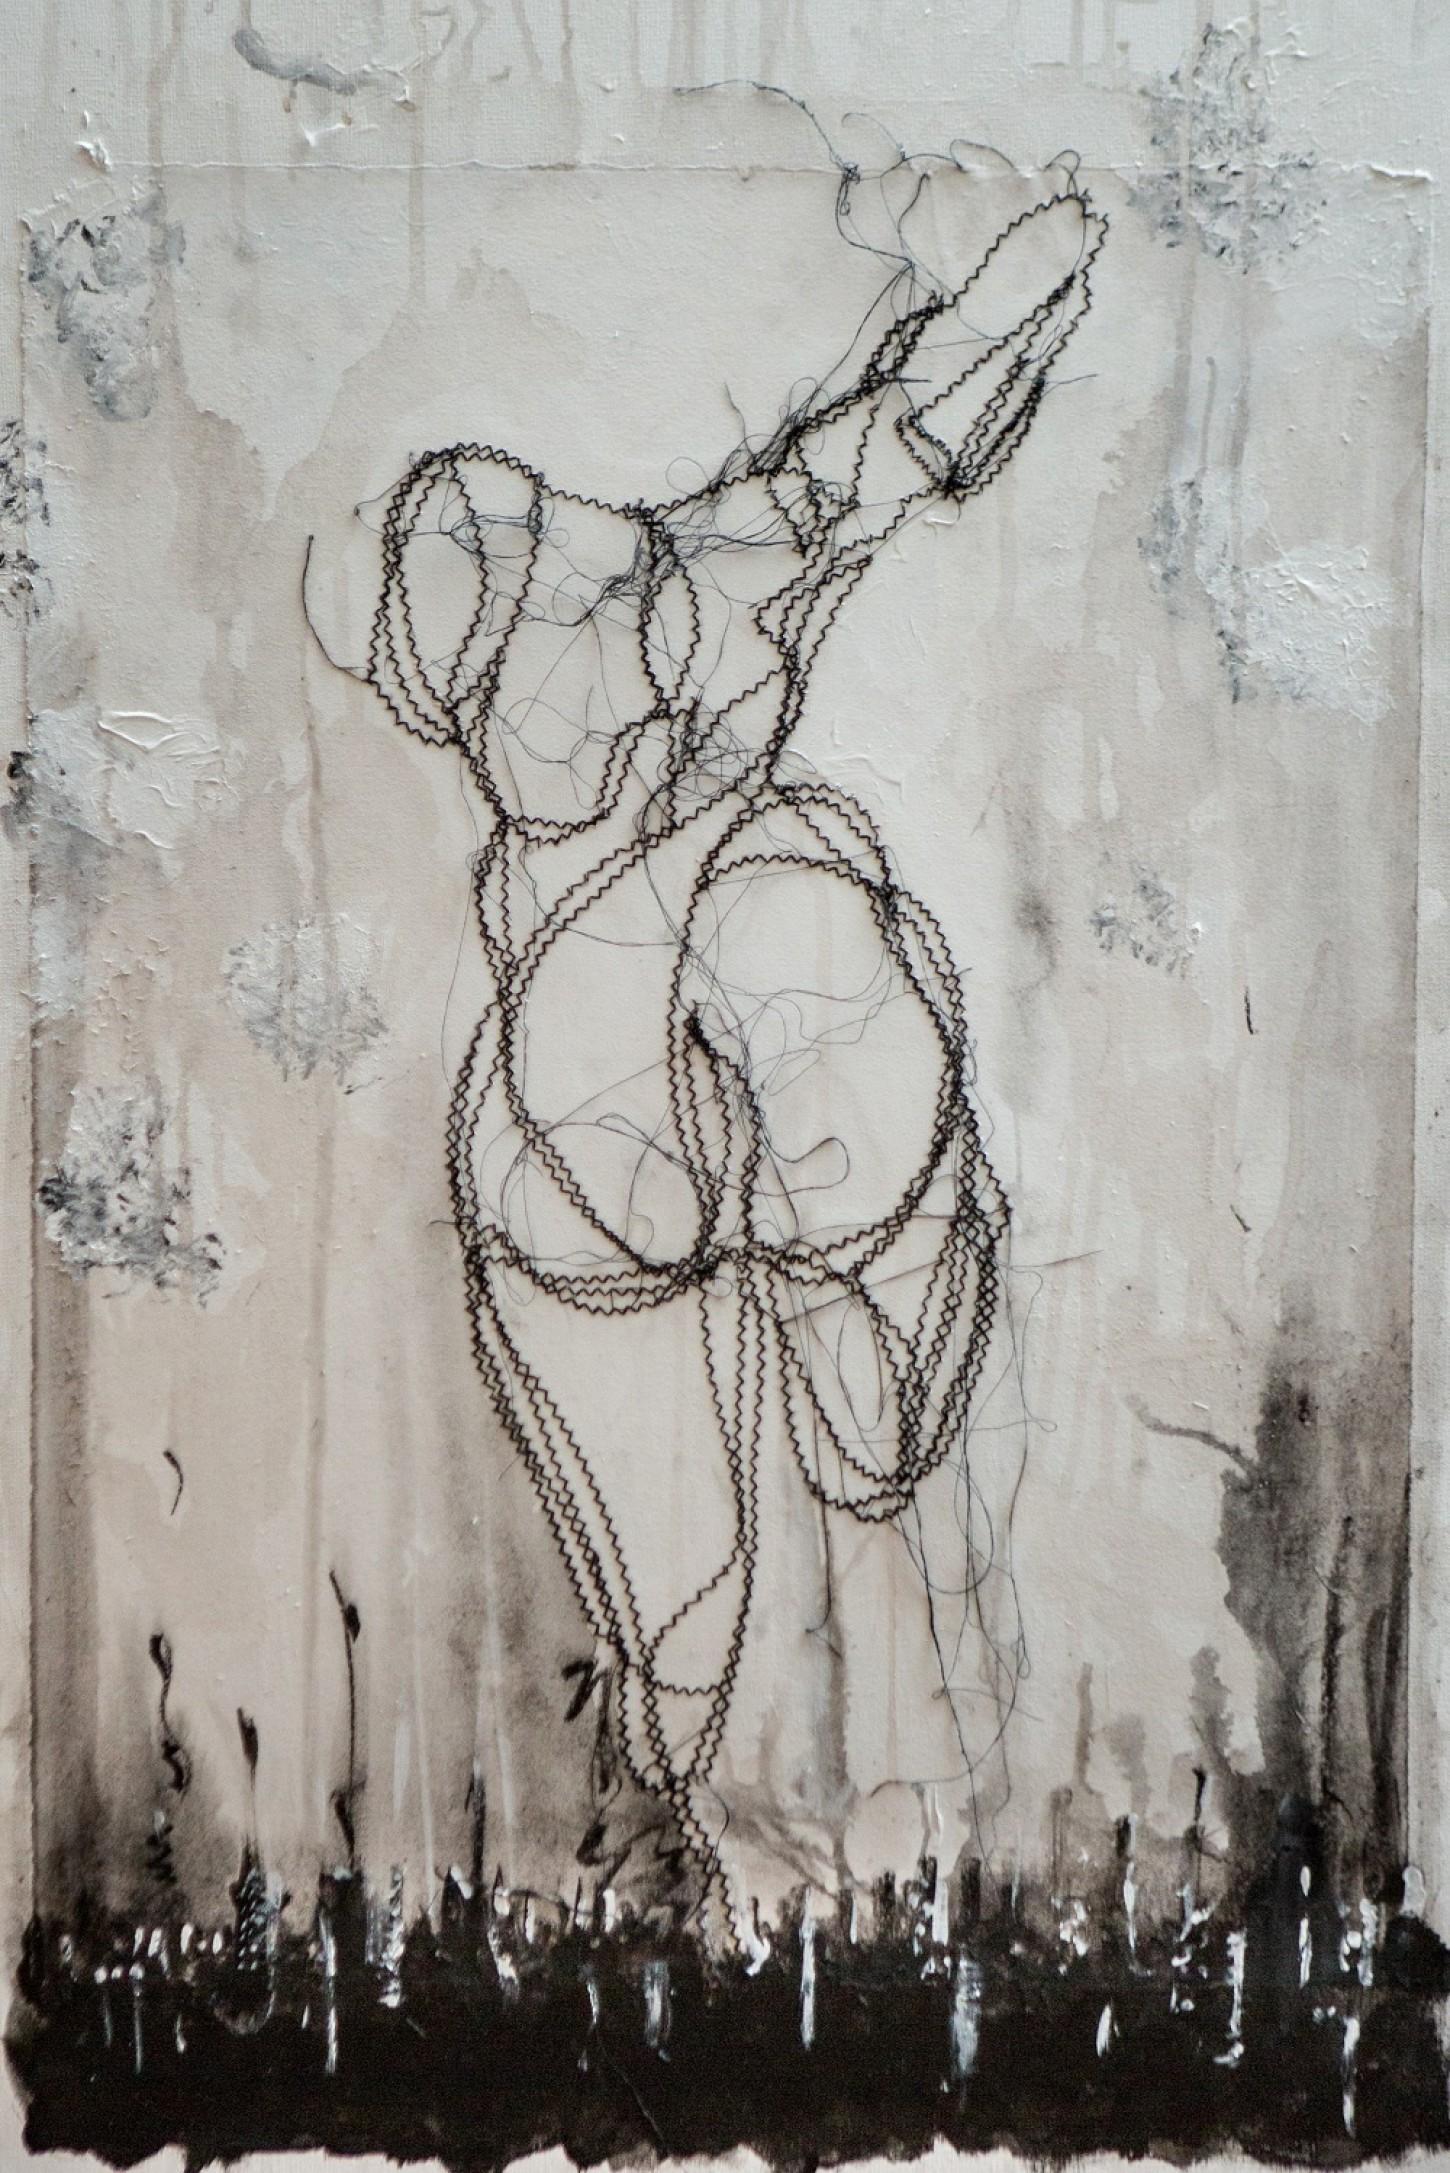 fils noirs, papier, peinture sur toile 54 x 81 cm